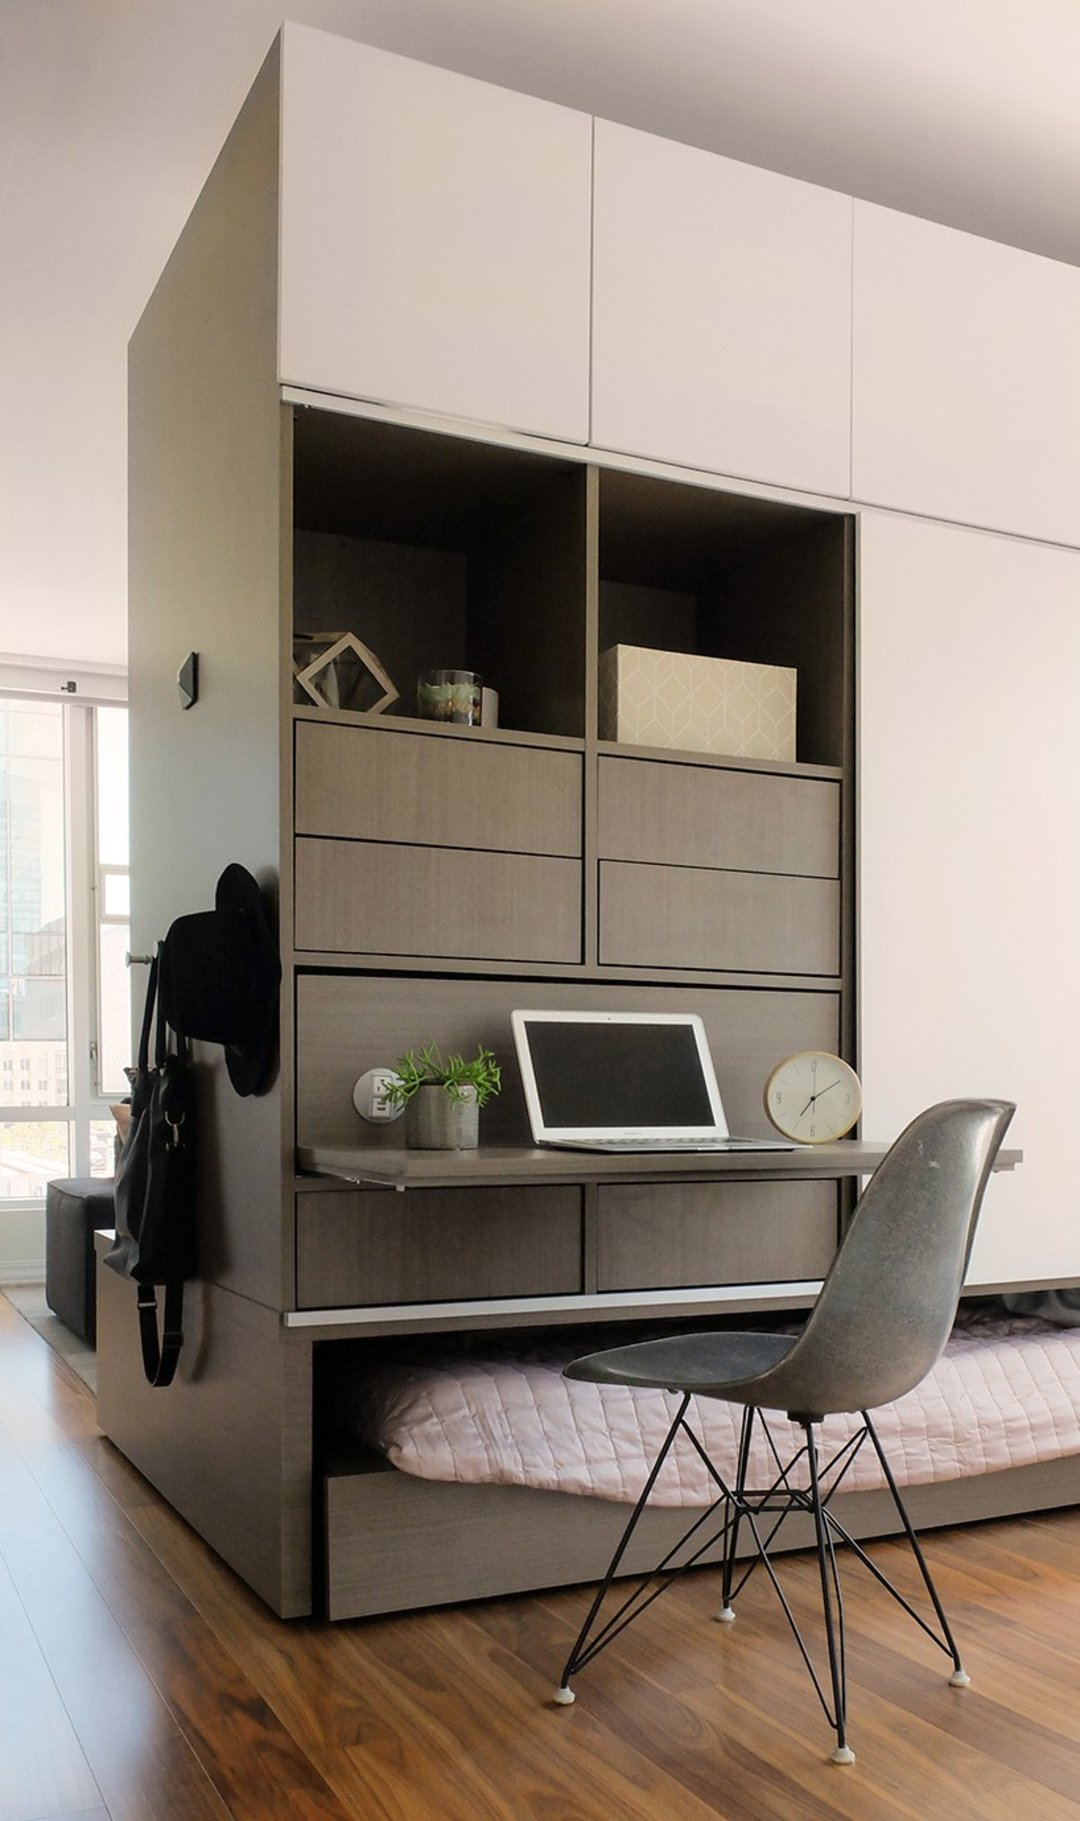 想让小公寓变大?这套智能家居系统可以提供一个思路_设计_好奇心日报